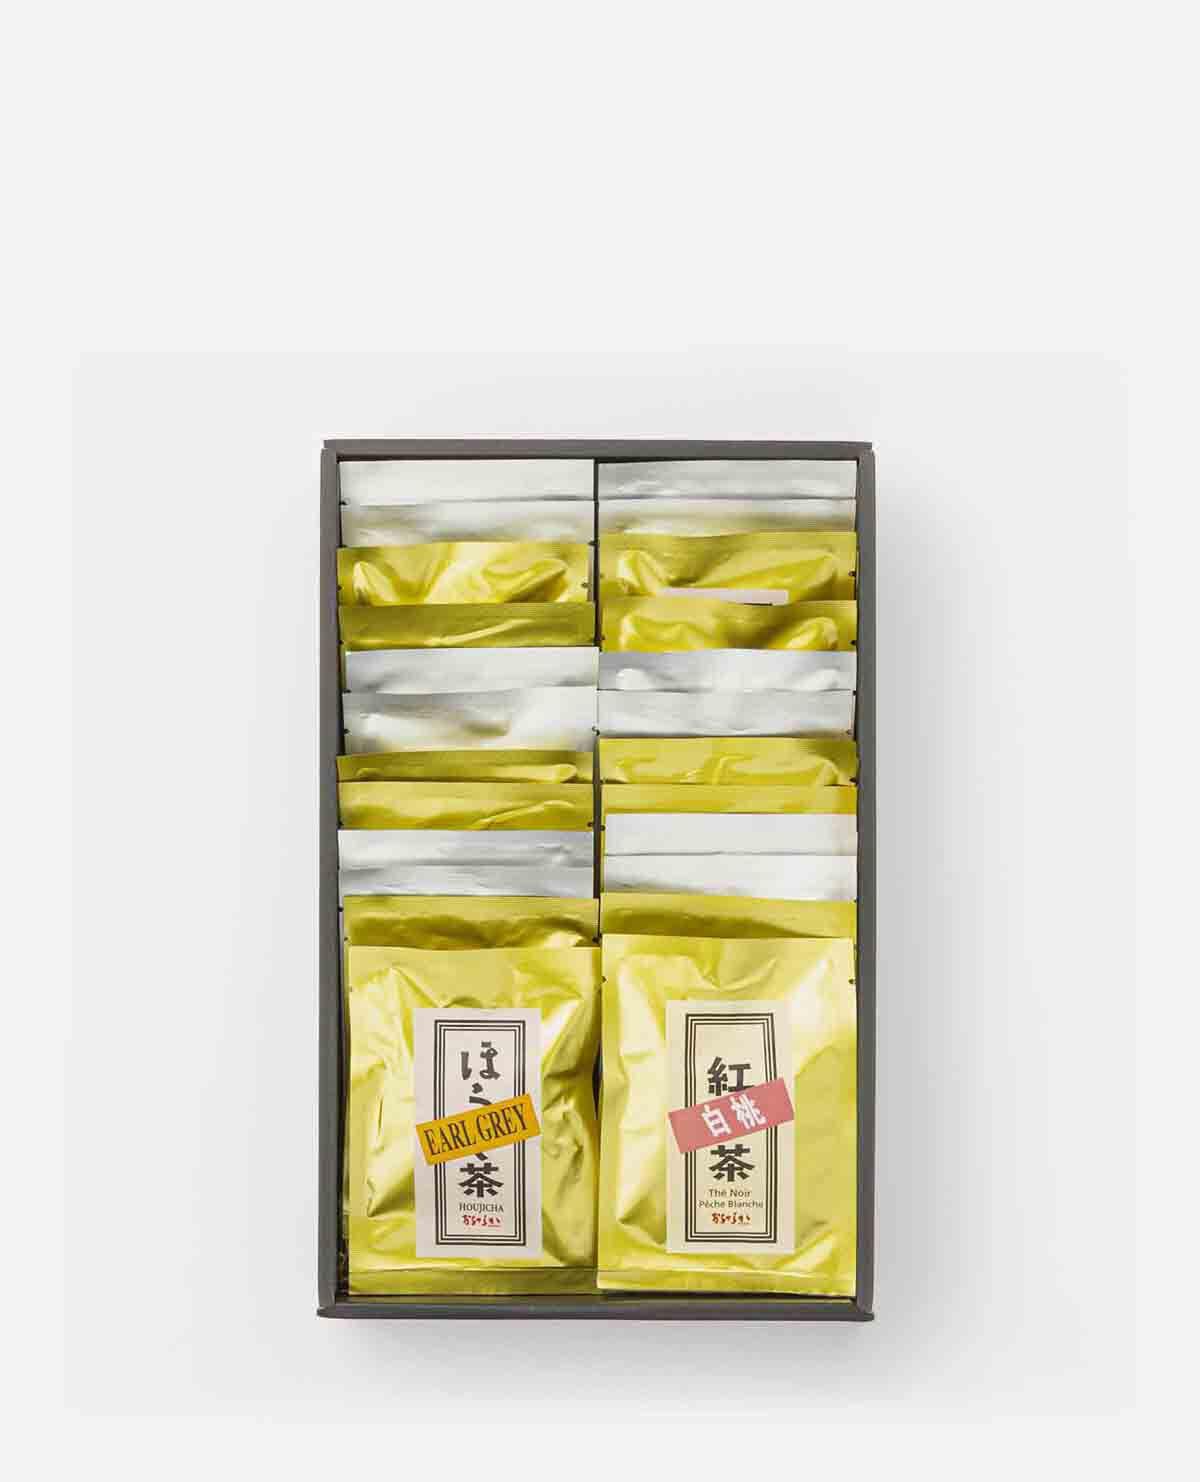 フレーバー日本茶 プレミアムギフトセット (ティーバッグ14個・ドリップタイプ10個入)